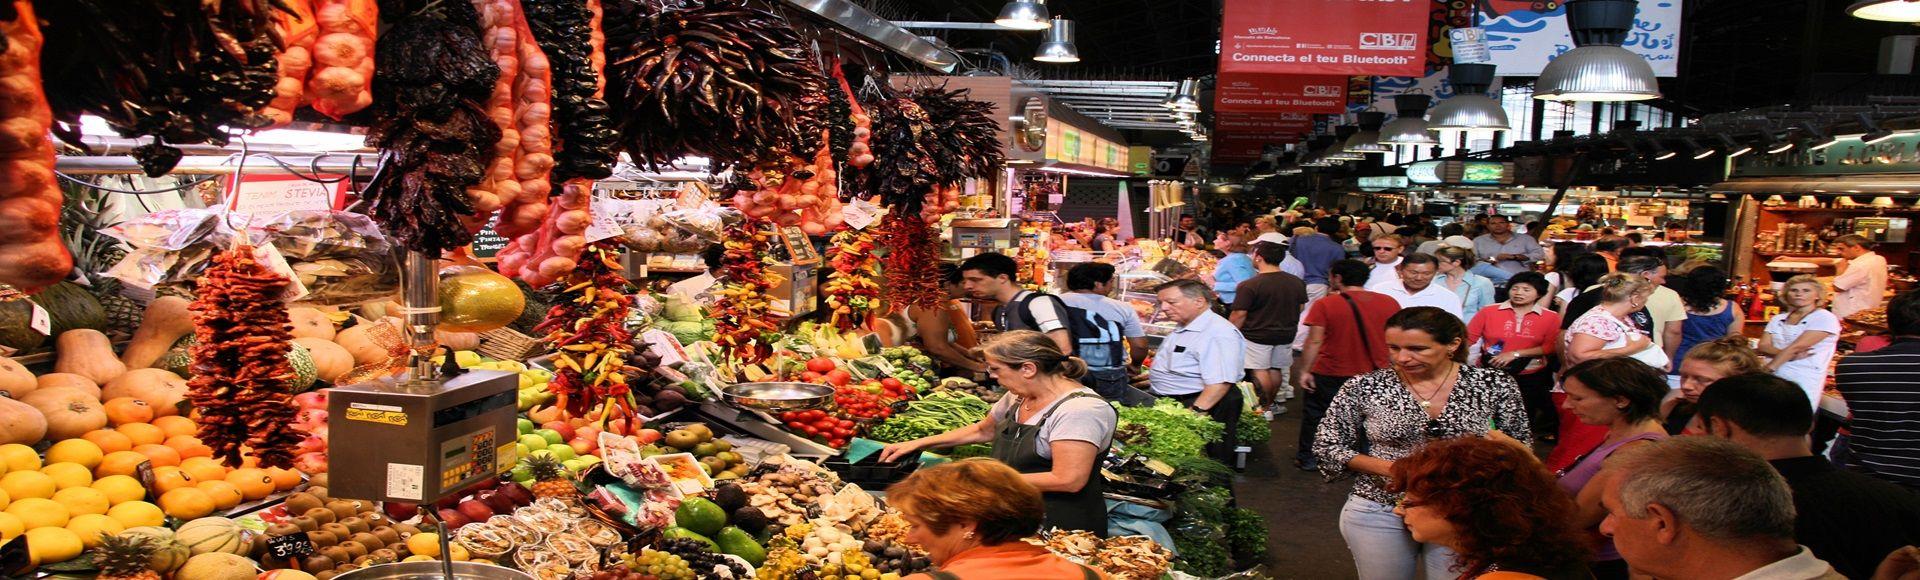 השווקים השונים בישראל